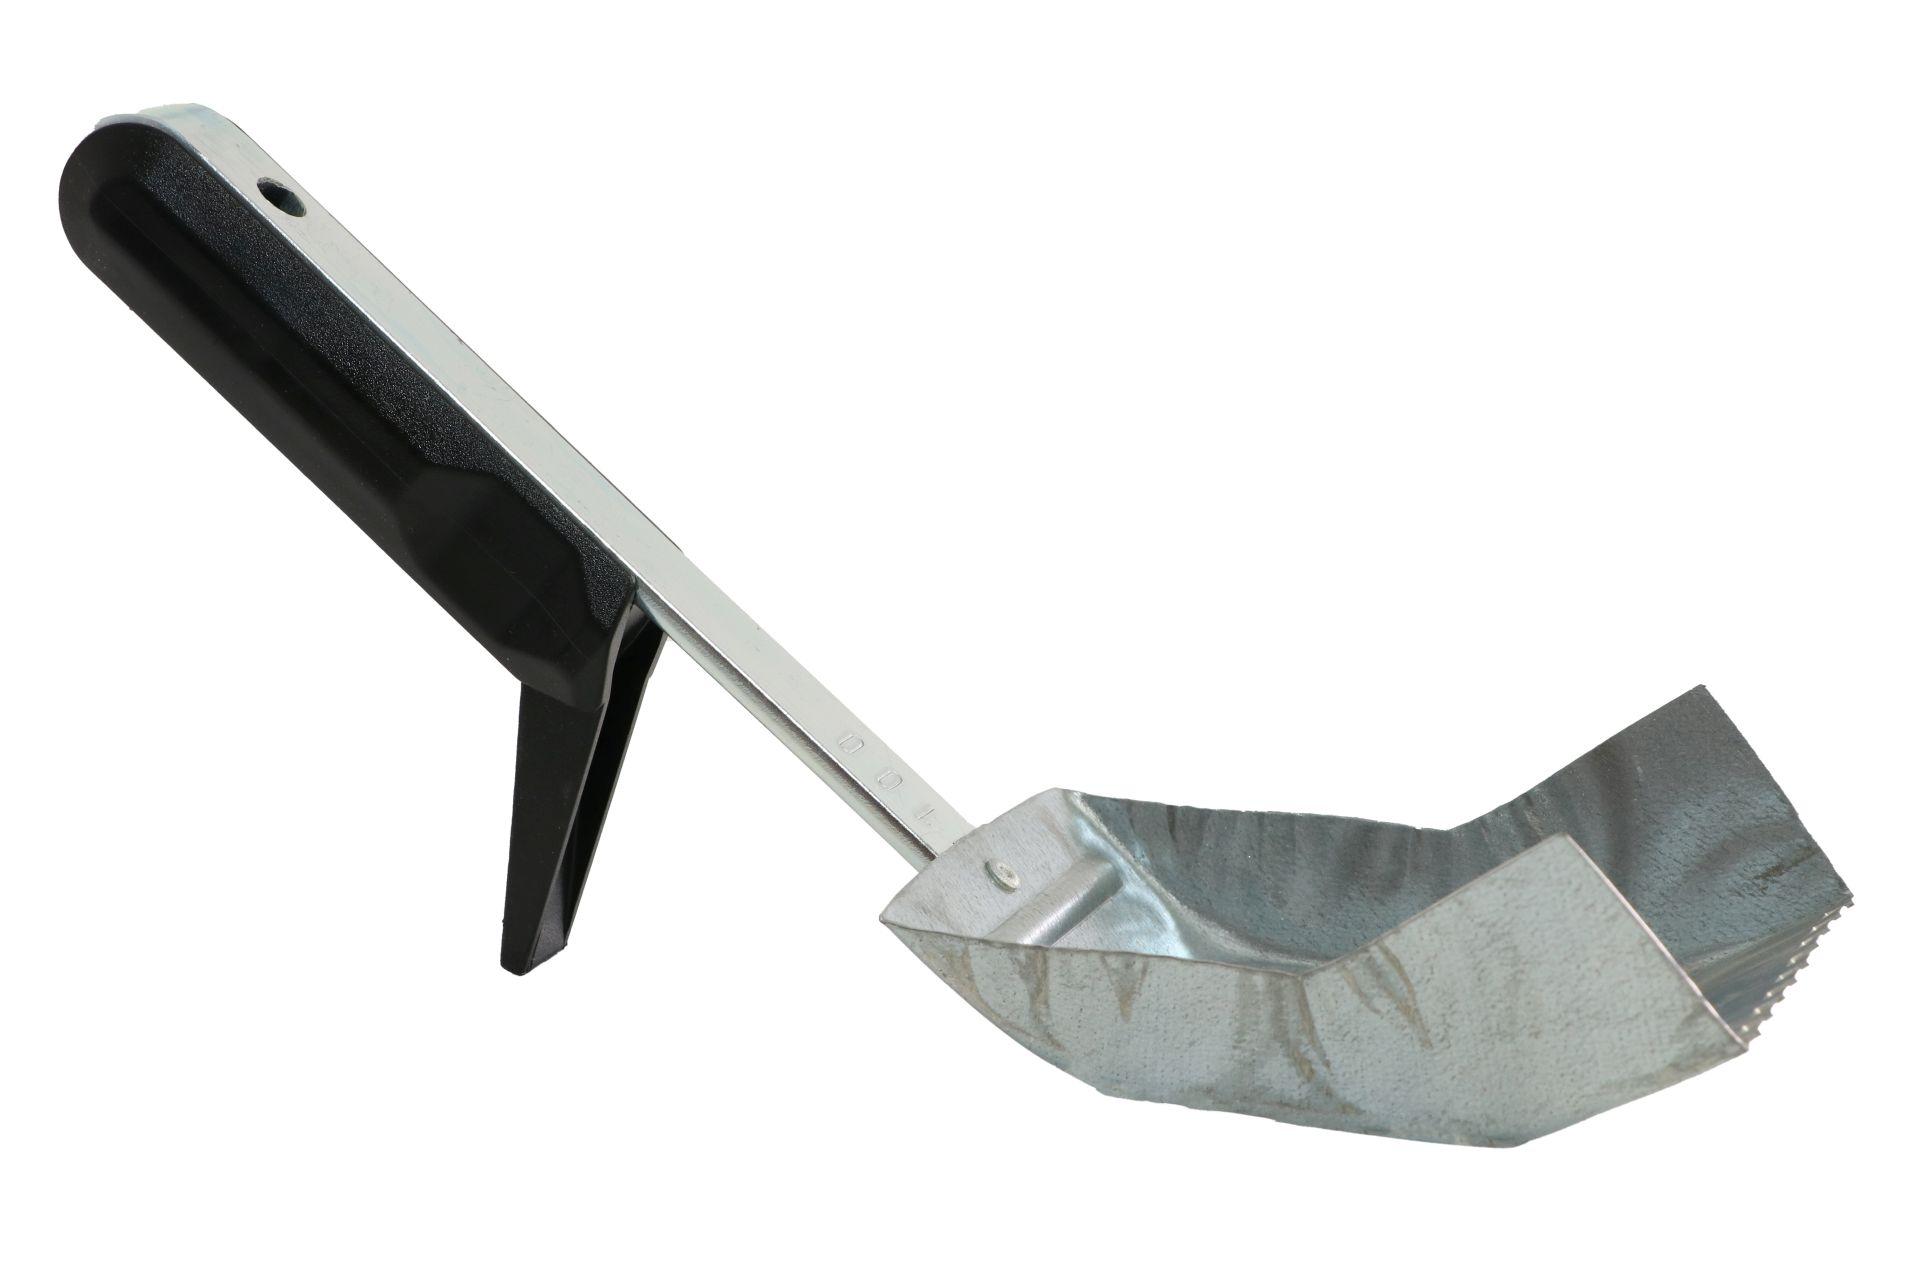 TRIUSO Klebekelle für Porenbeton, Griff aus Kunststoff und Metall, Zahnung 5 x 5 mm, Blattlänge 100 mm